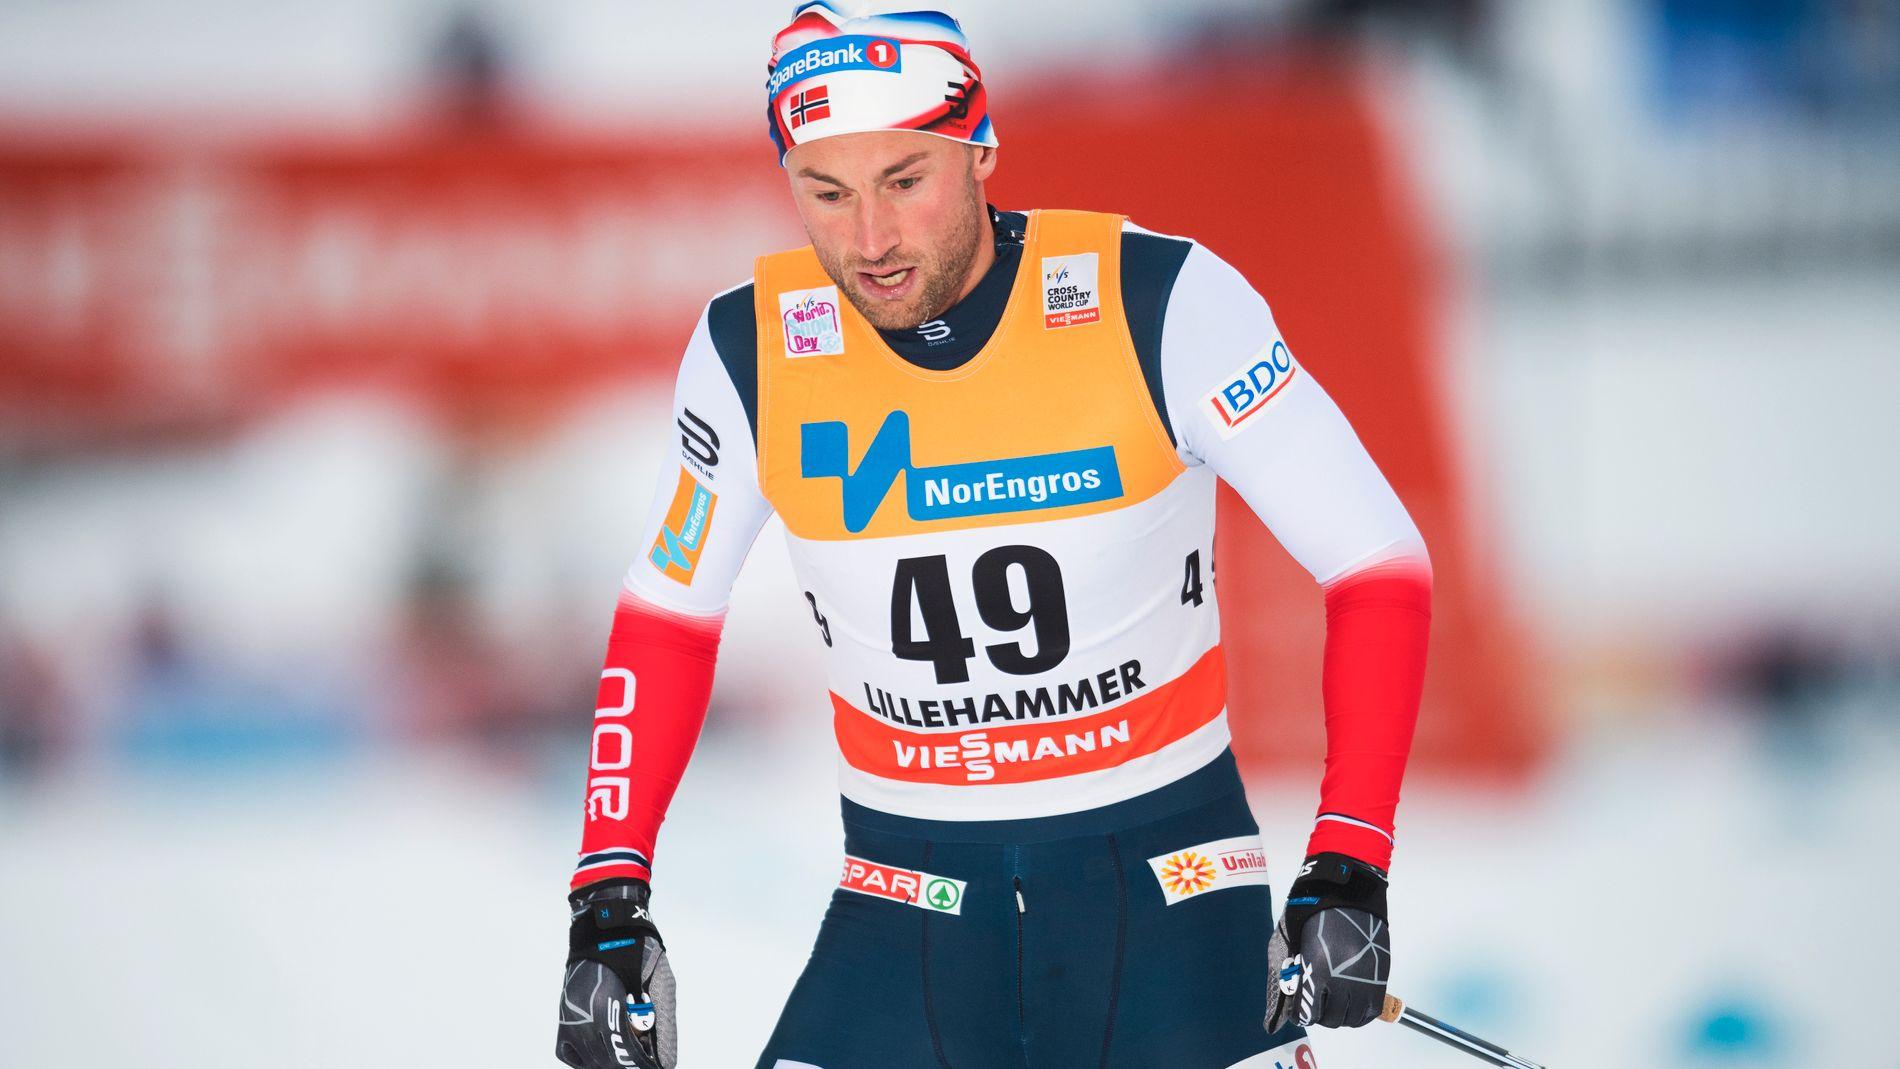 ELENDIG OL-SESONG SÅ LANGT: Petter Northug virker ikke å komme seg til OL i Sør-Korea, som begynner om under én måned.